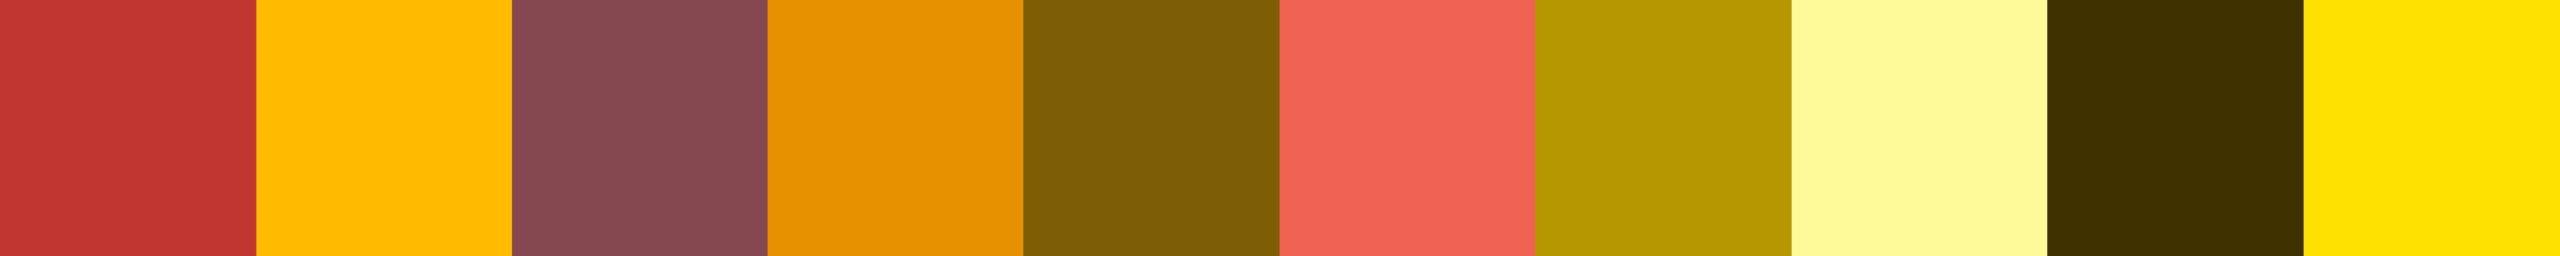 440 Madoul Color Palette